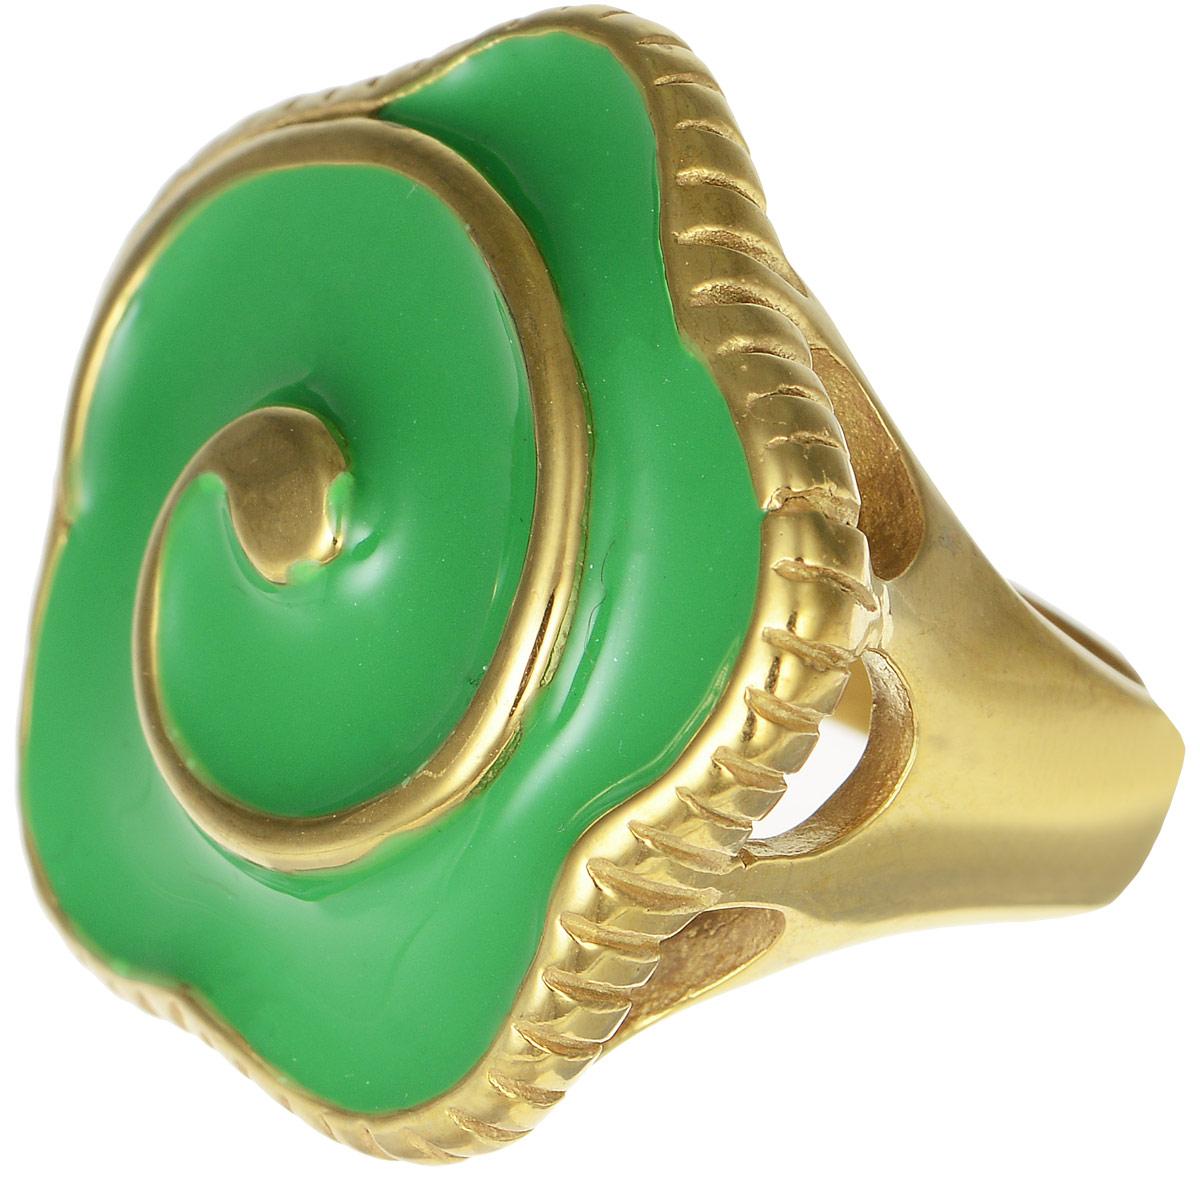 Кольцо Polina Selezneva, цвет: золотистый, зеленый. DG-0032. Размер 17Коктейльное кольцоОригинальное кольцо Polina Selezneva выполнено из металлического сплава. Оформлено изделие в форме цветка. Декоративная часть покрыта эмалью. Такое кольцо это блестящее завершение вашего неповторимого, смелого образа и отличный подарок для ценительницы необычных украшений!